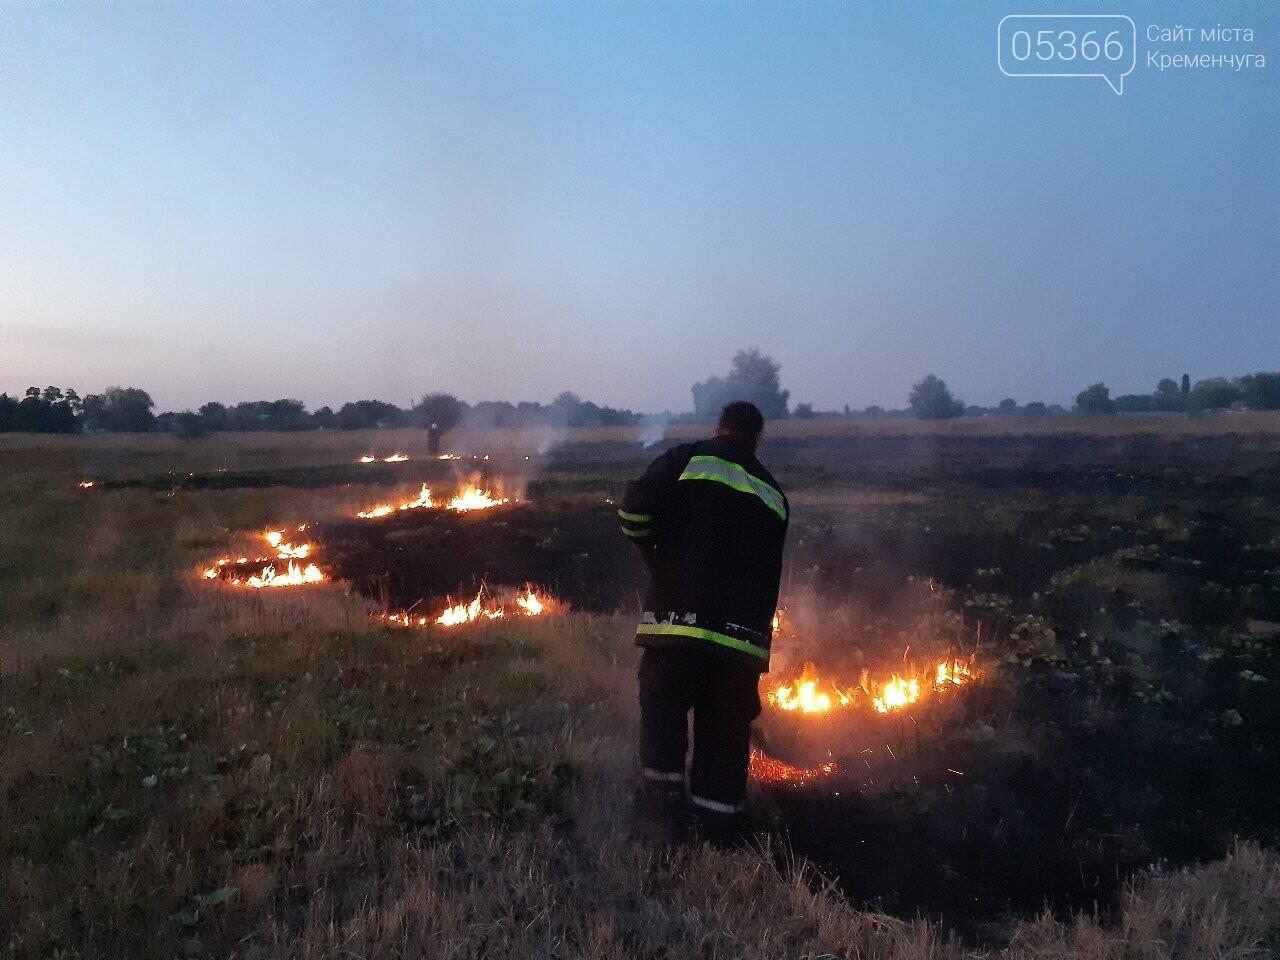 У Кременчуцькому районі пожежники знову гасили два гектари сухостою, фото-2